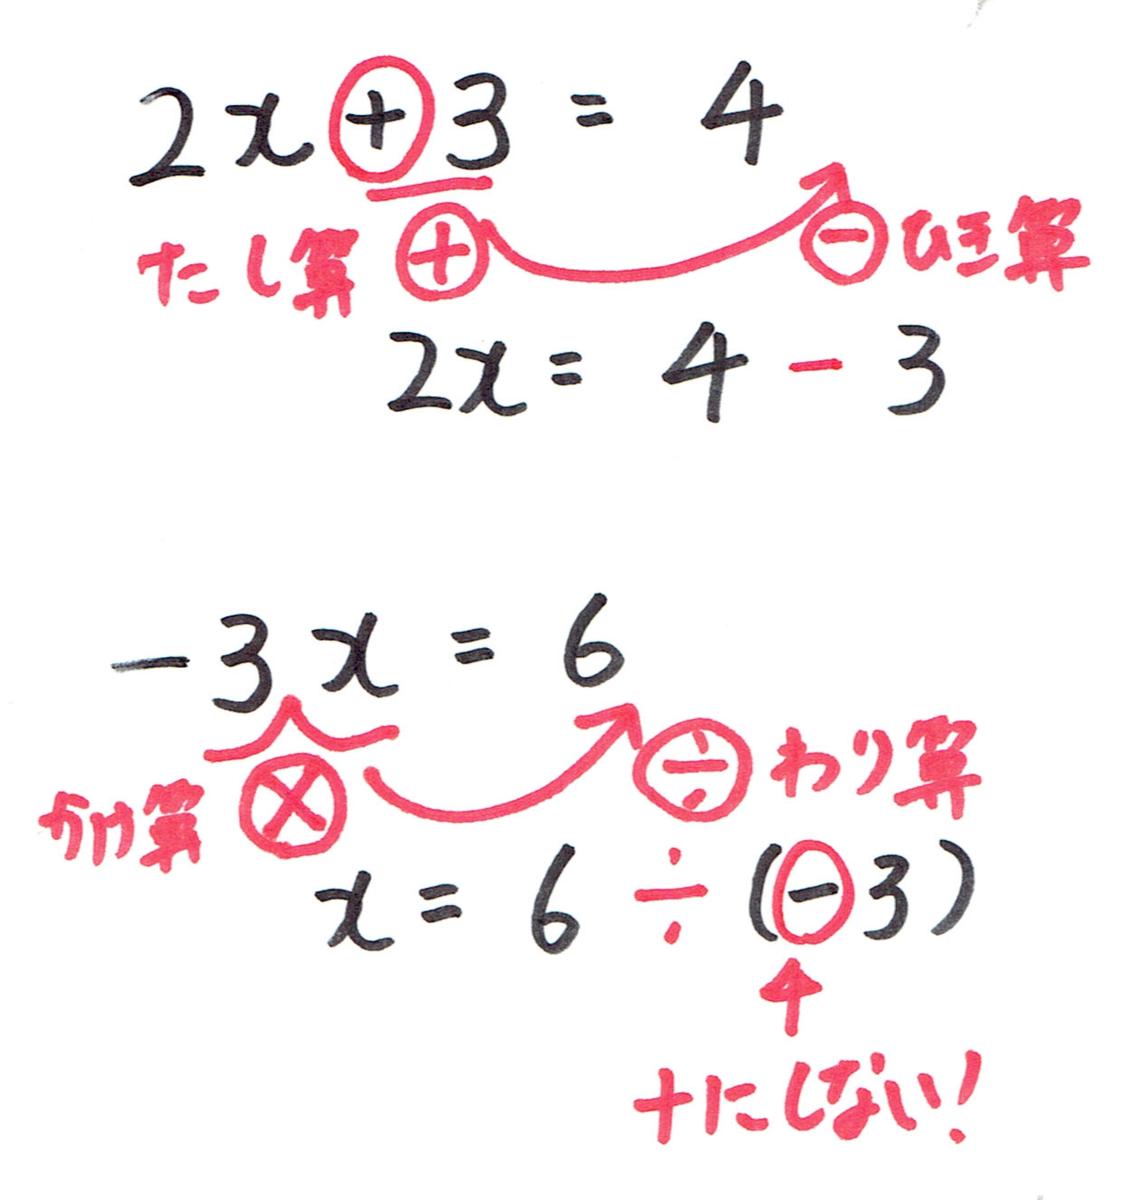 移項ミス。たし算は引き算に。かけ算は割り算に。マイナス忘れない